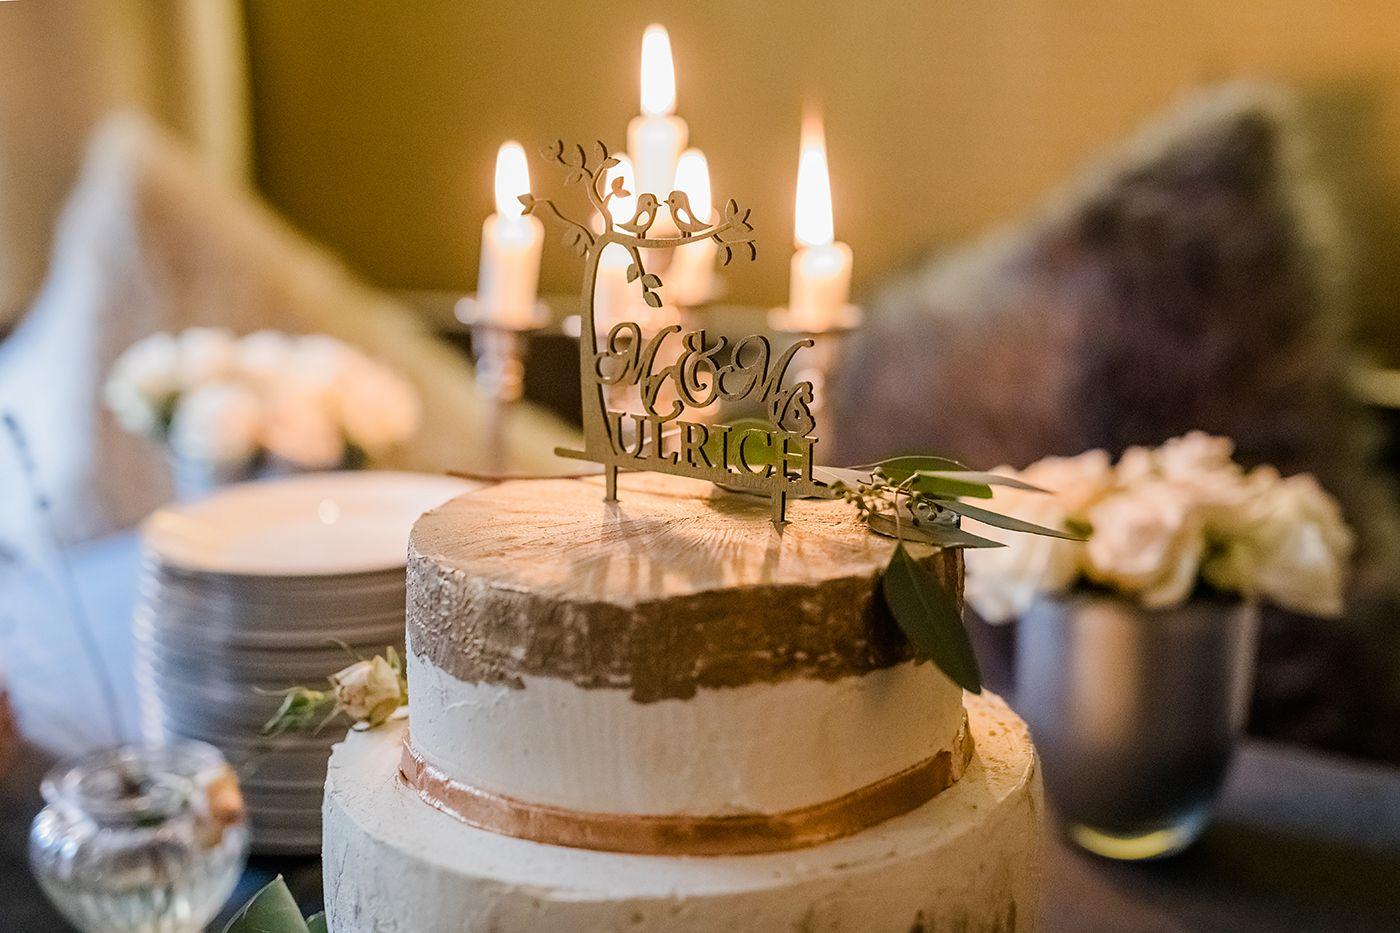 hochzeit_21__hochzeitsfotografin_lumoid_nadine_lotze_hagen_ruhrgebiet_detail_hochzeitstorte_cake_topper_gold